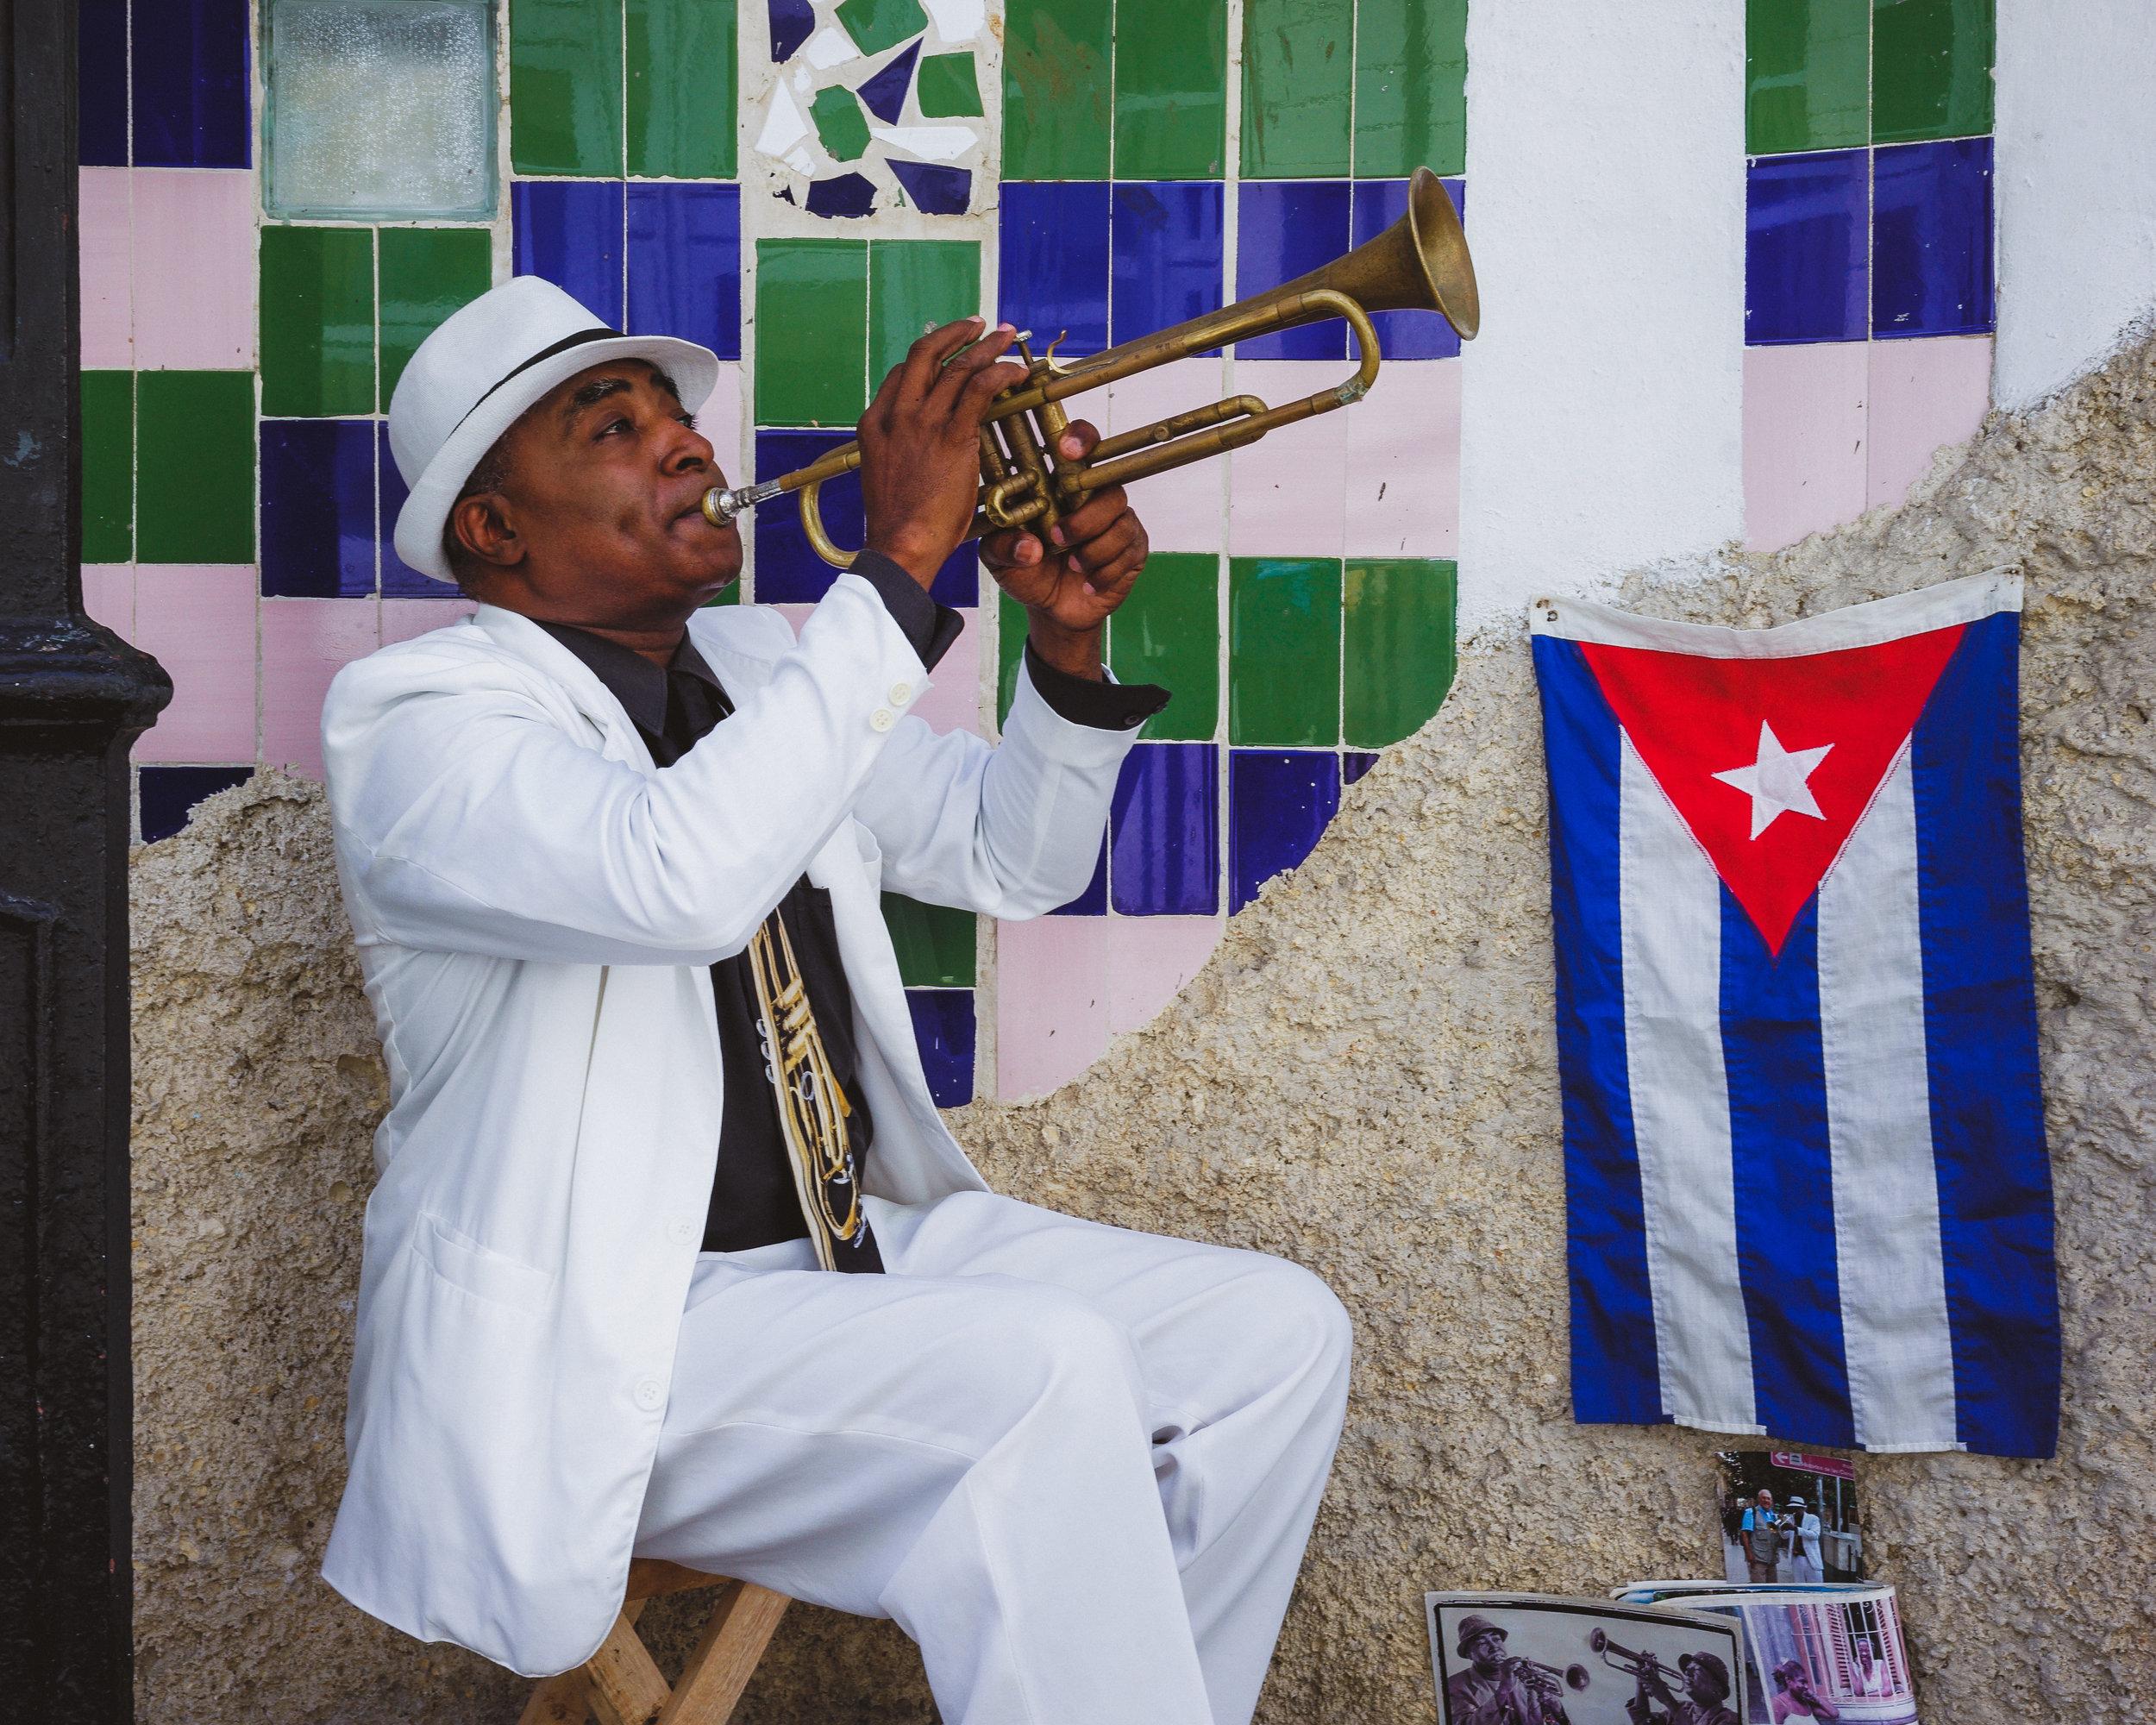 PauloLopez-Cuba-28.jpg